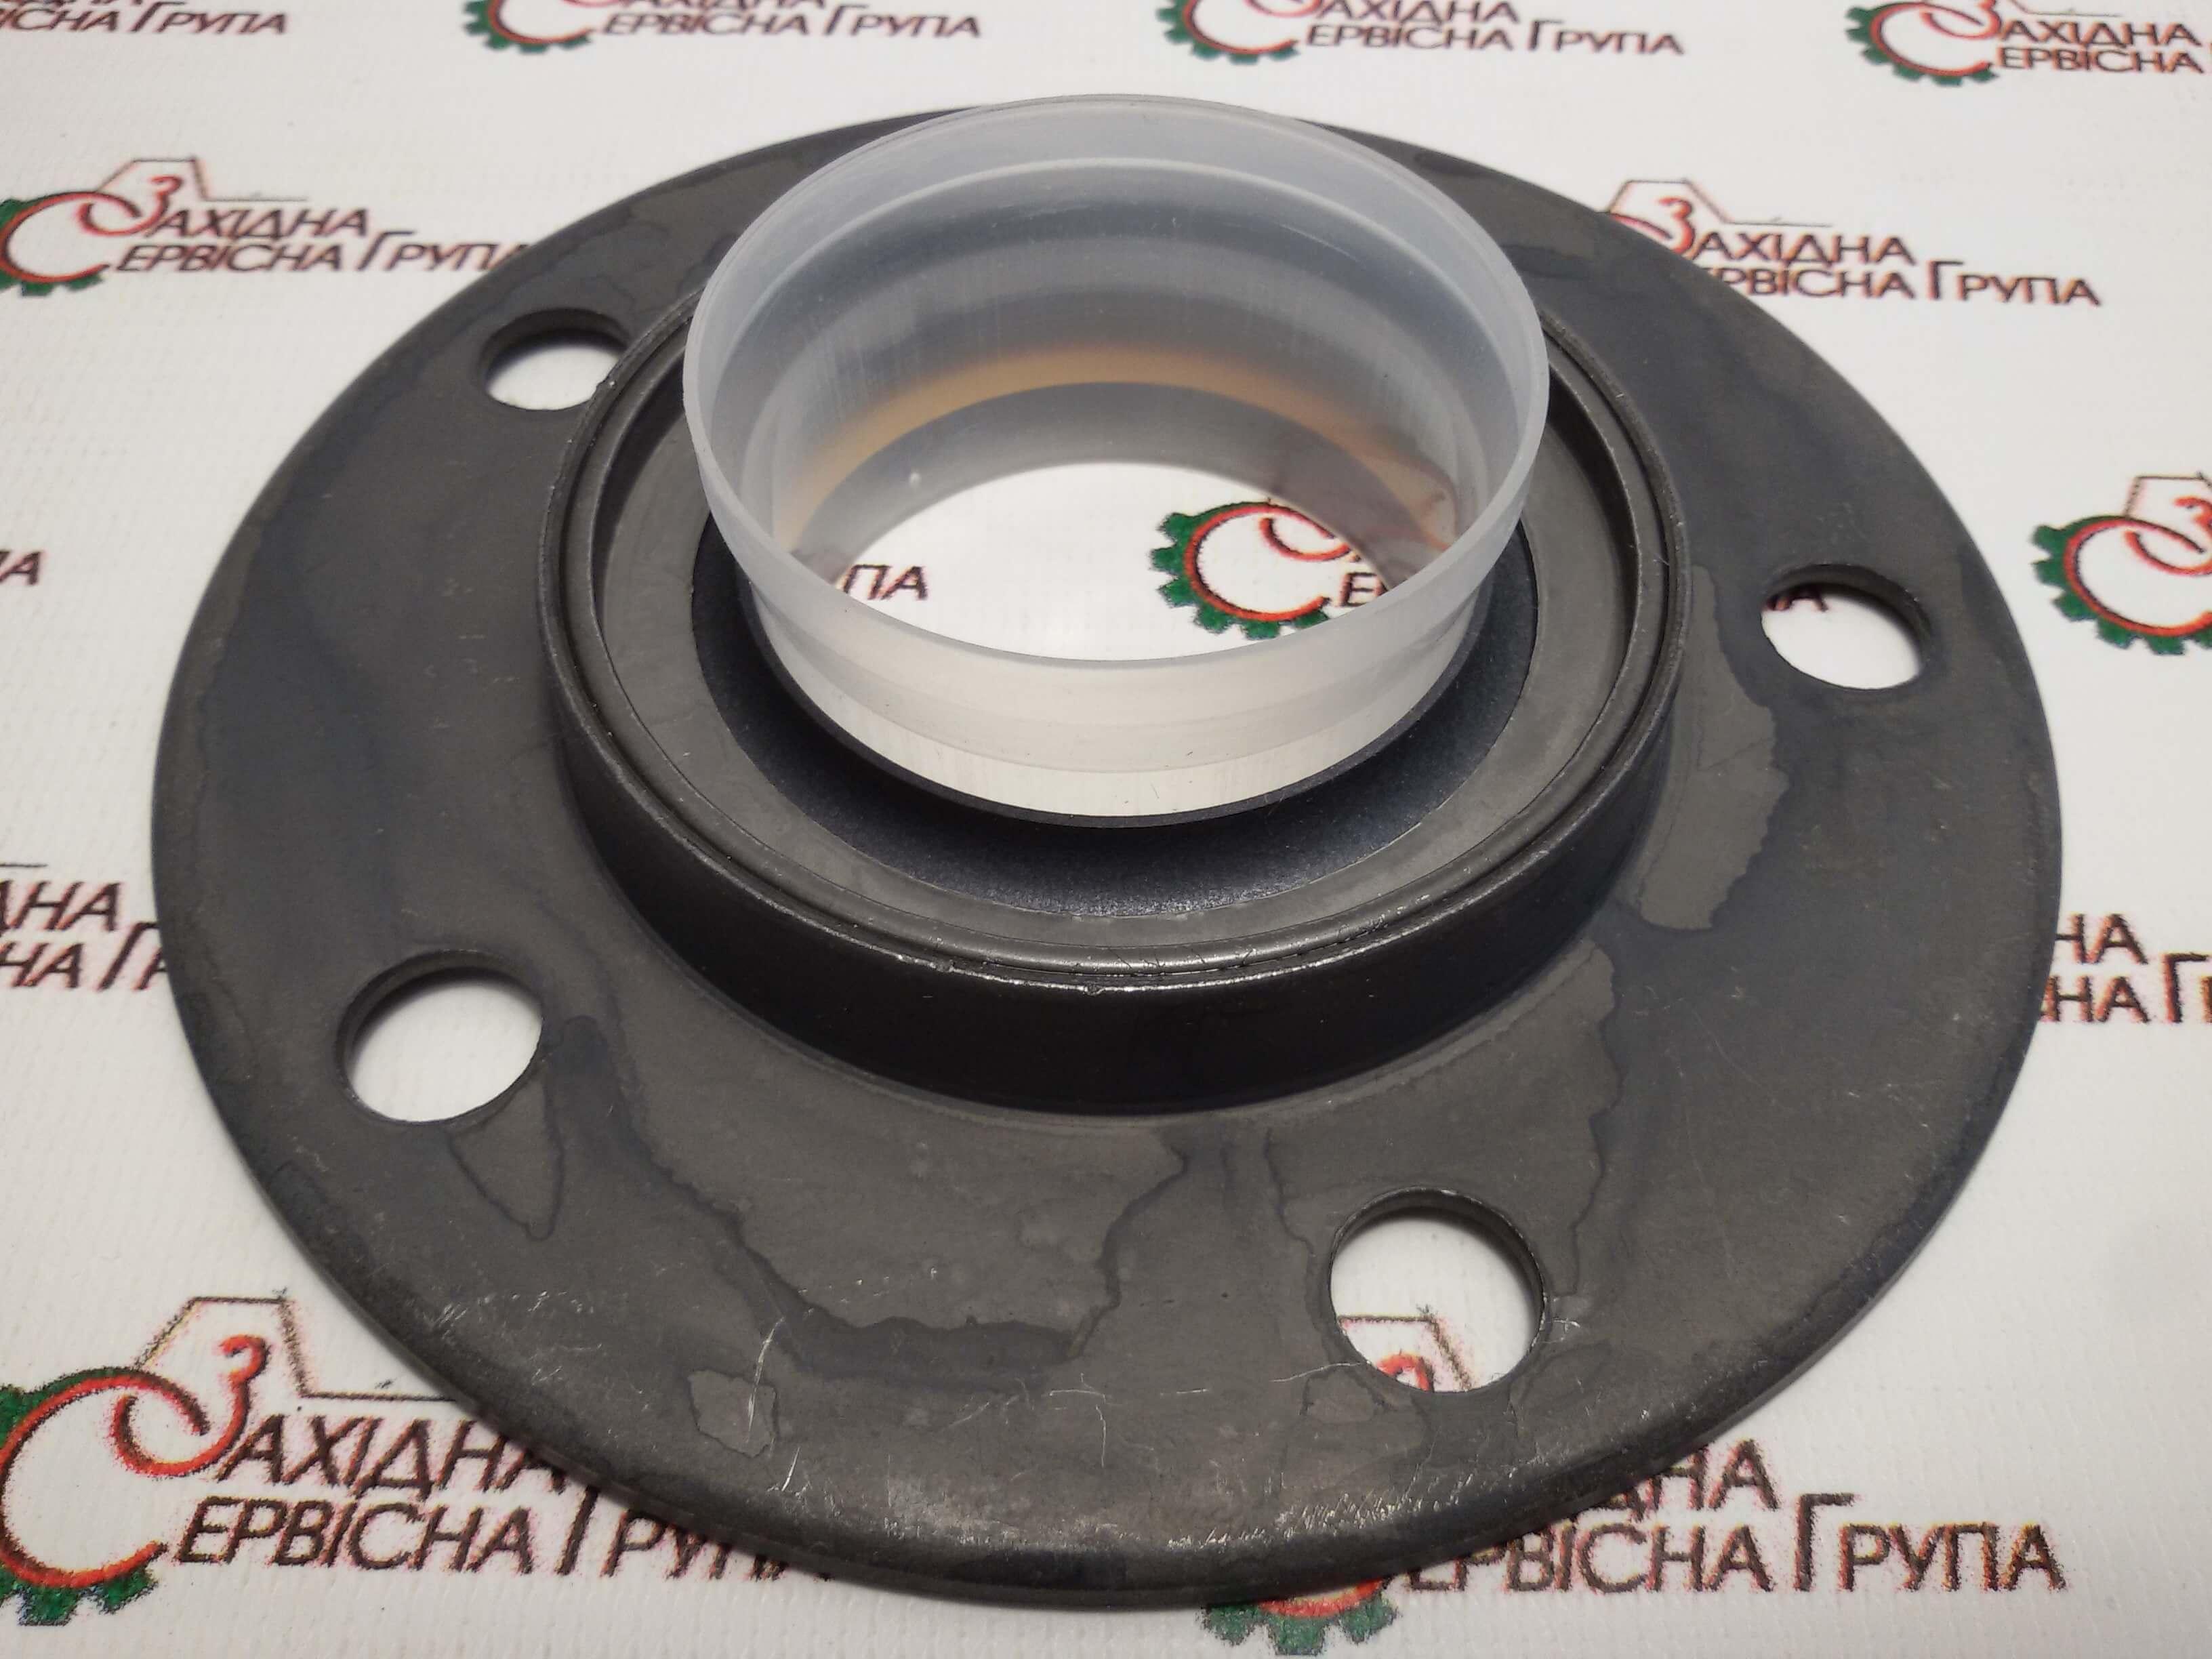 Сальник приводу допоміжних агрегатів двигуна Cummins M11, ISM11, QSM11, 3804304, 3803728, 3803488, 3803273, 3883117.